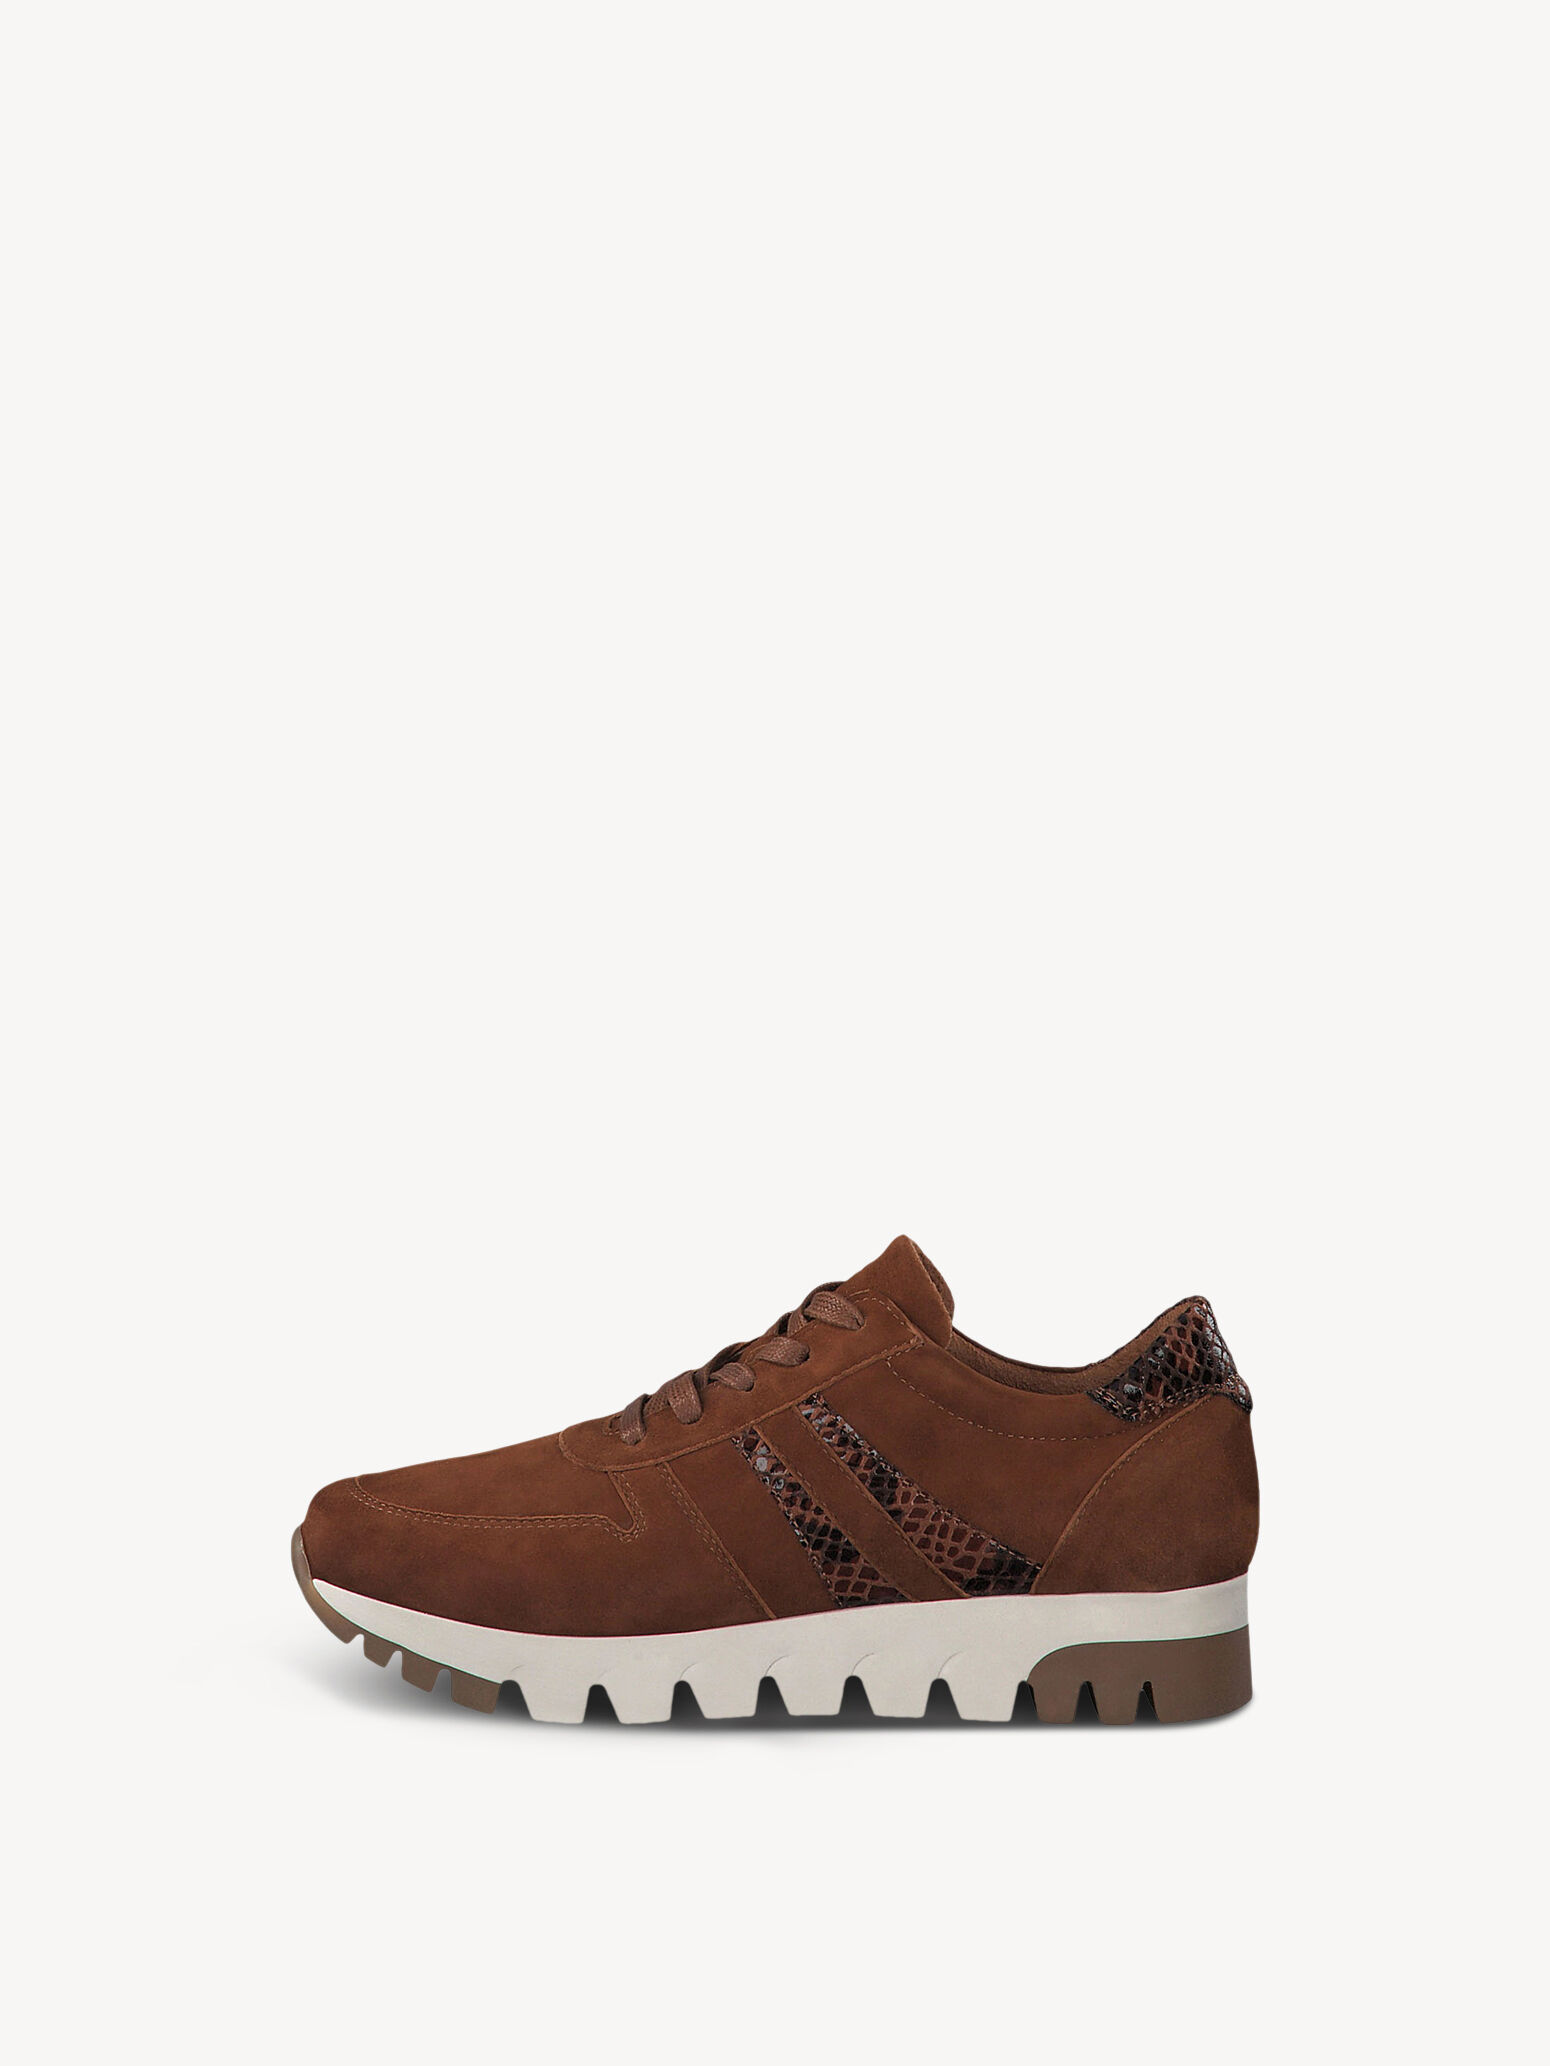 Damen Shop Online Tamaris Offizieller Für Kaufen Sneaker OZTkliwPXu